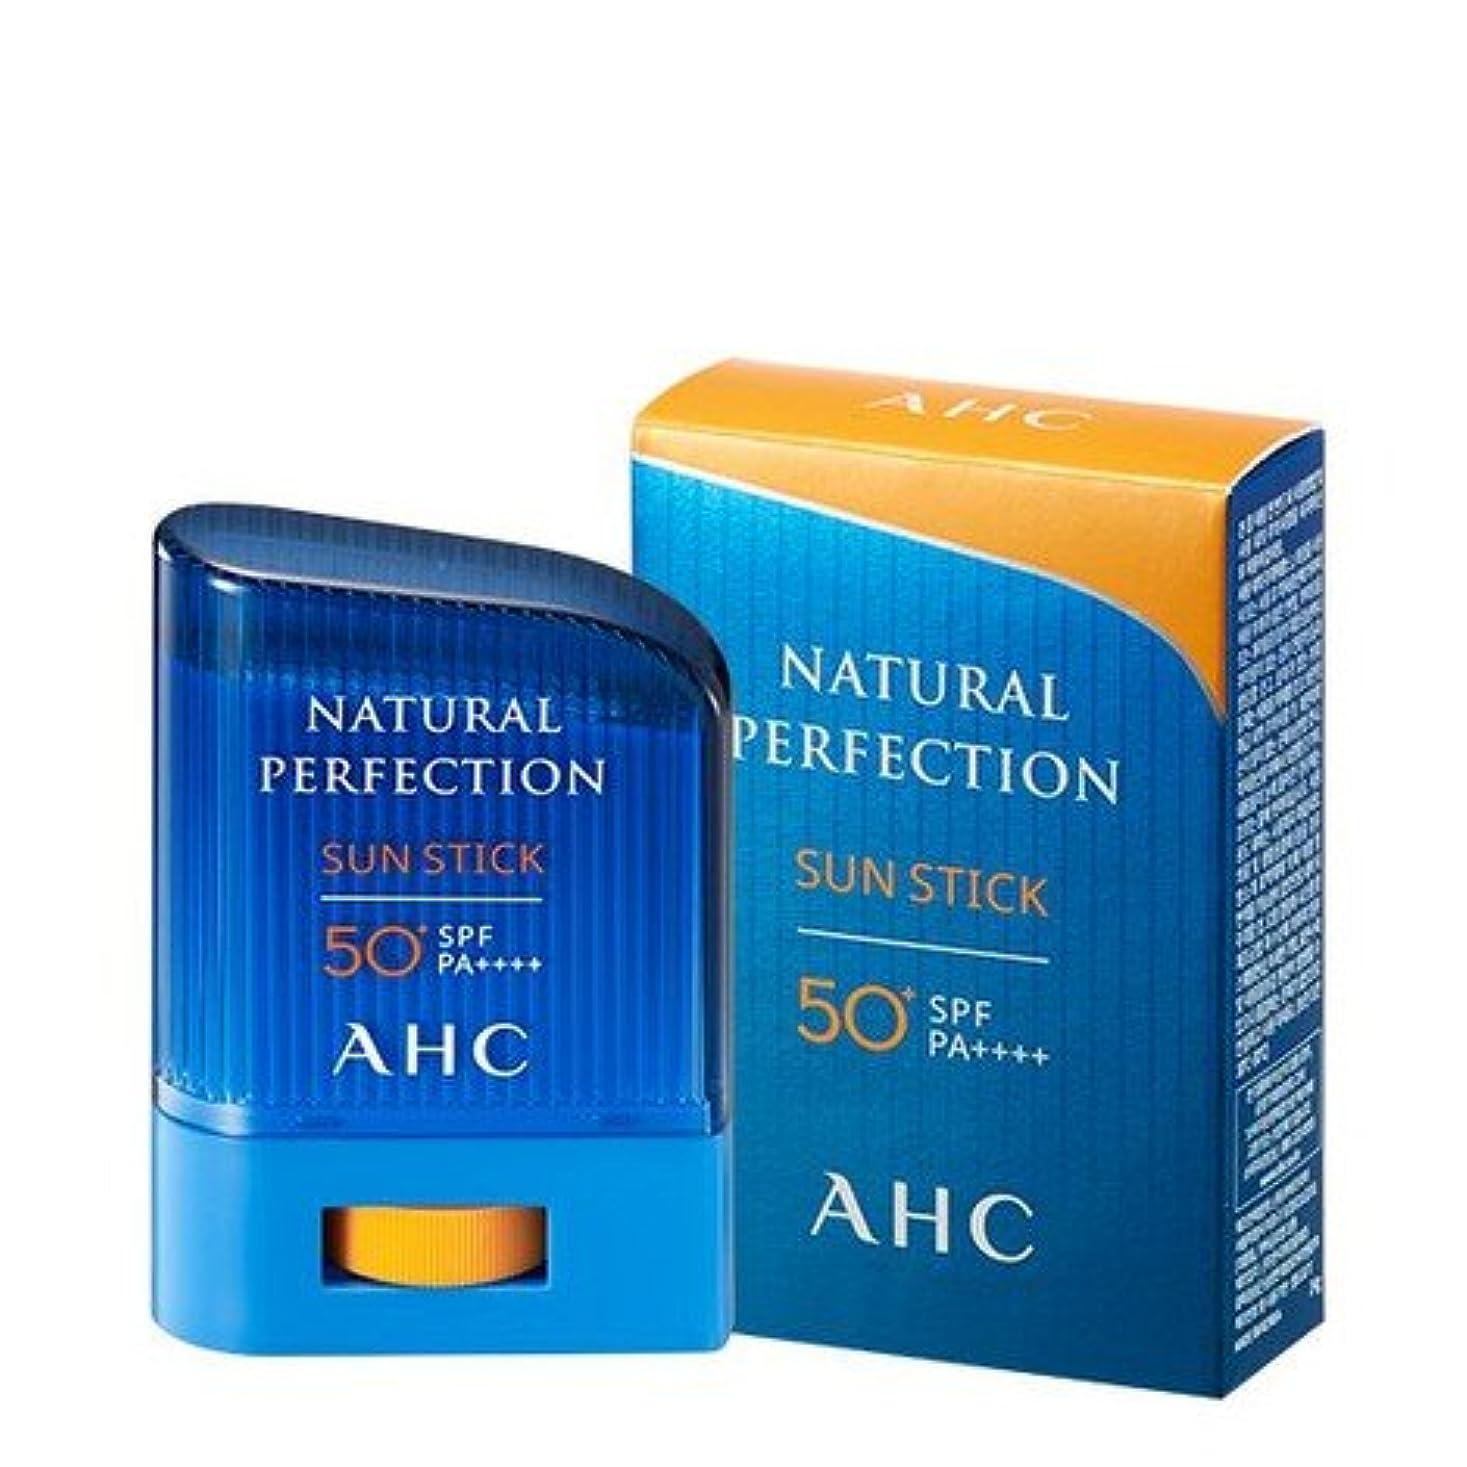 エンコミウムお願いします形式[Renewal 最新] AHCナチュラルパーフェクション線スティック / AHC NATURAL PERFECTION SUN STICK [SPF 50+ / PA ++++] [並行輸入品] (14g)